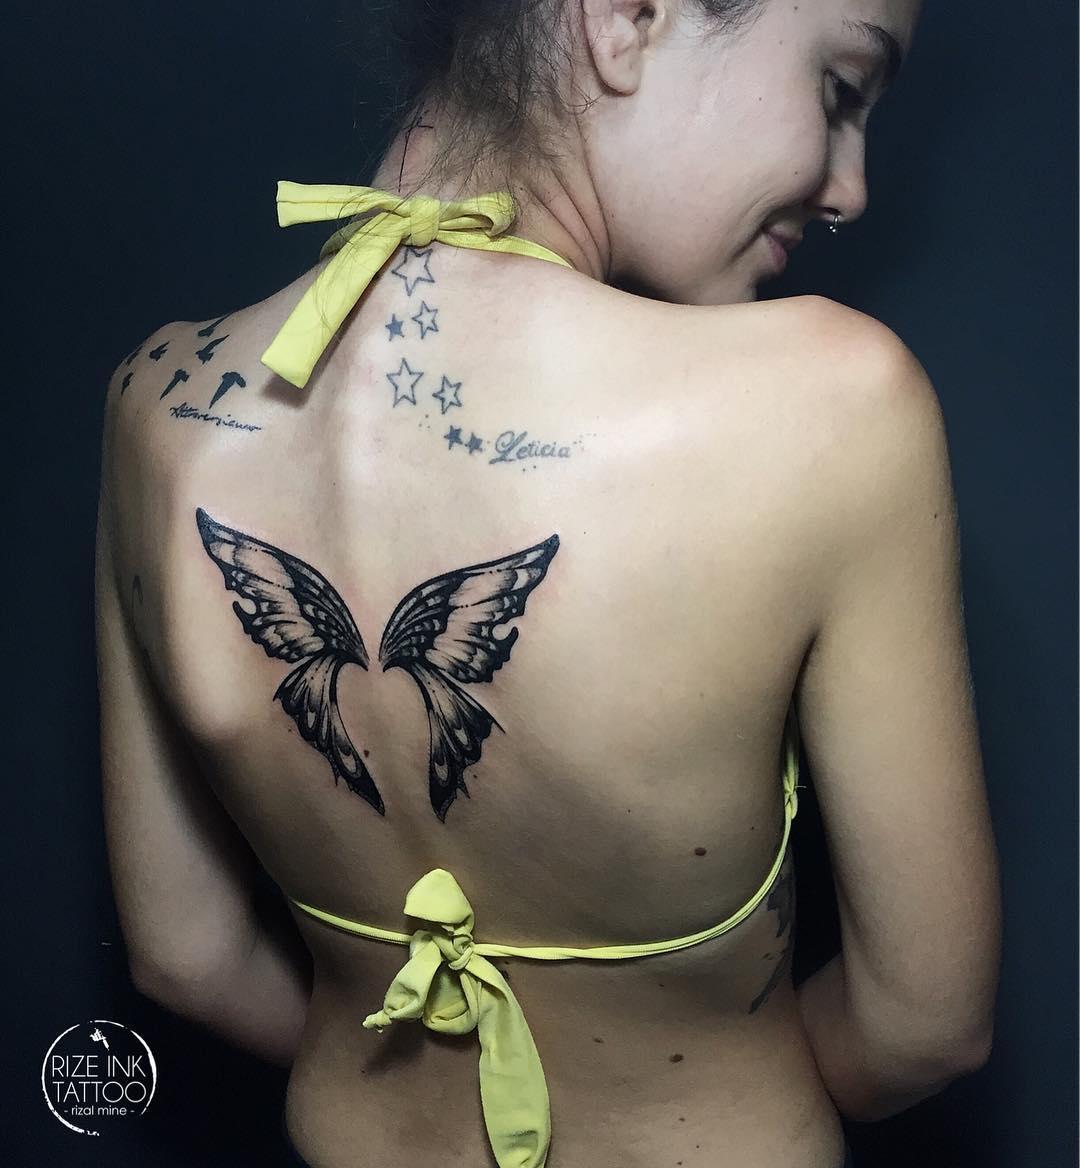 жіноча татуювання з крилами метелика